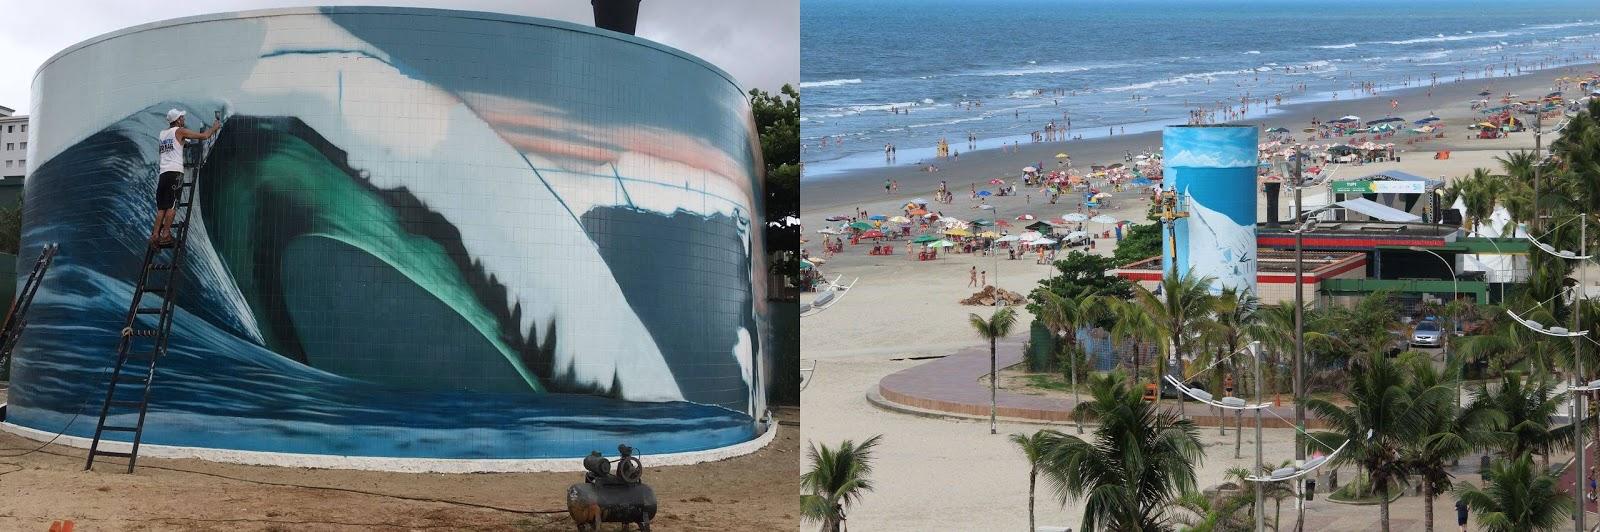 O artista retratou uma onda gigante e um ambiente recifal utilizando a estrutura do Emissário Submarino.